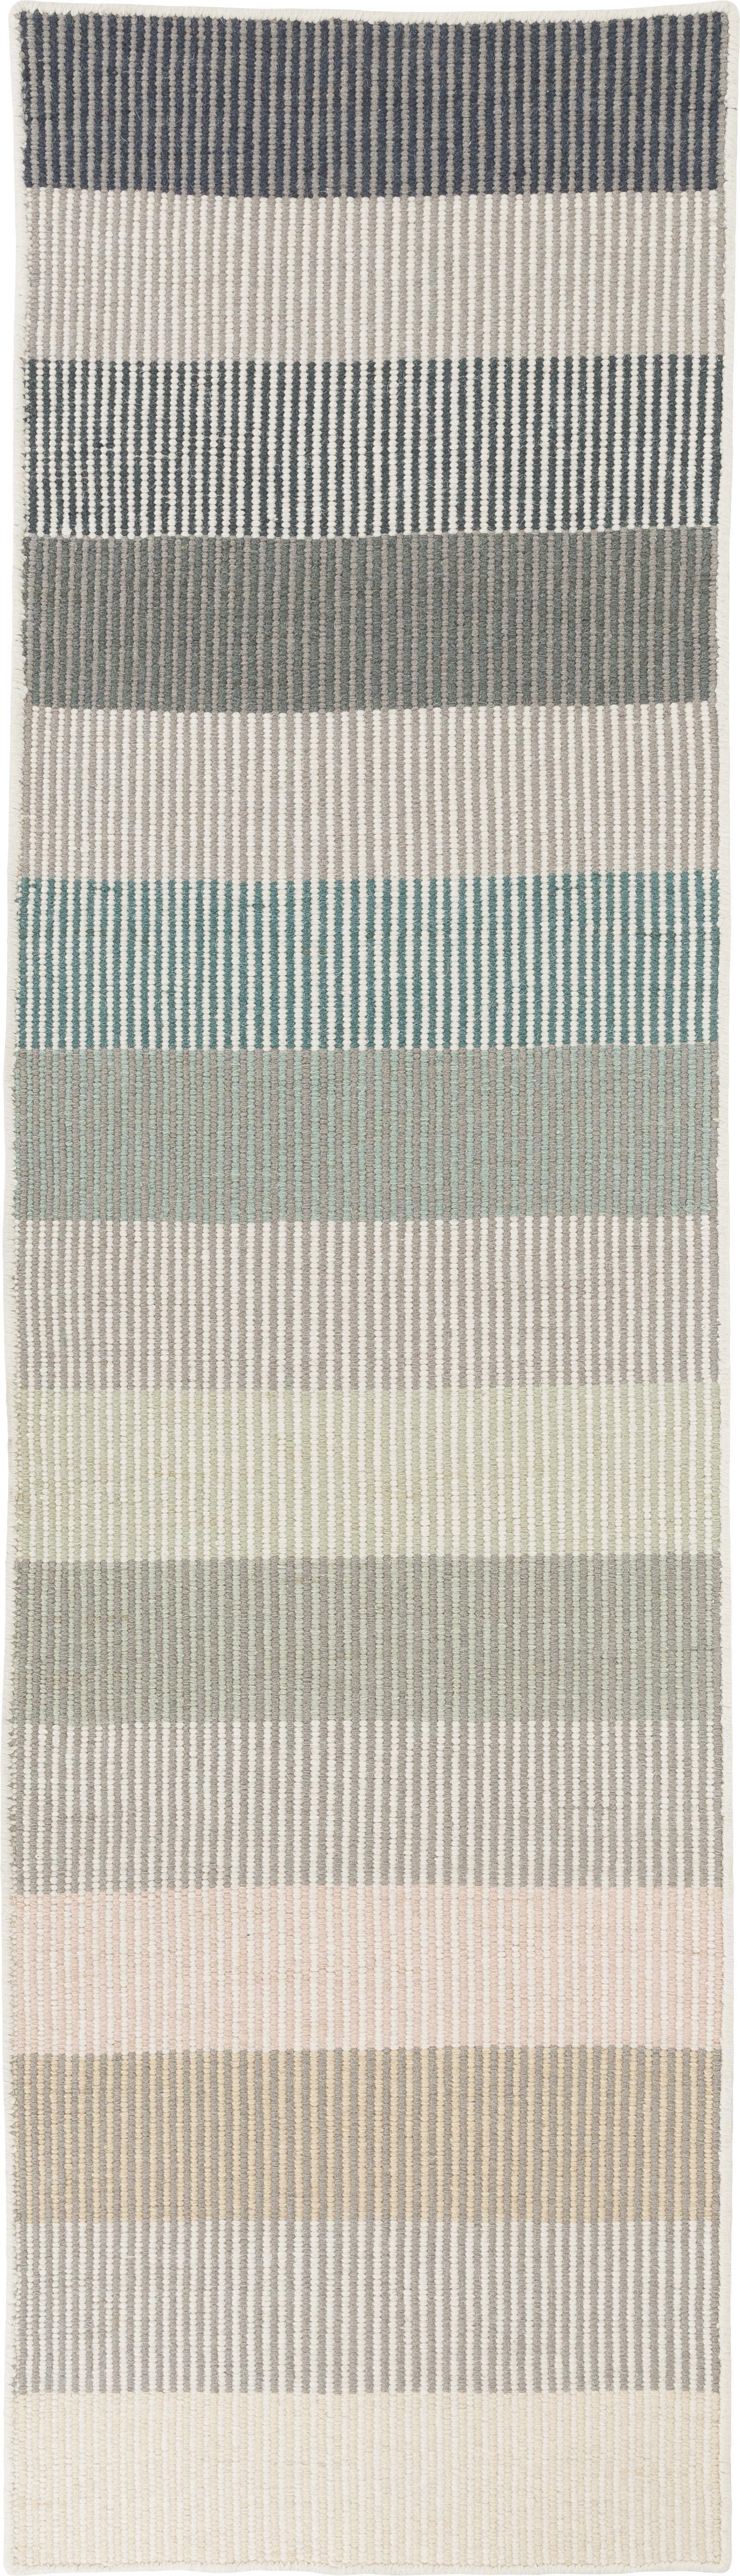 Ręcznie tkany chodnik z wełny Devise, Wielobarwny, S 80 x D 280 cm